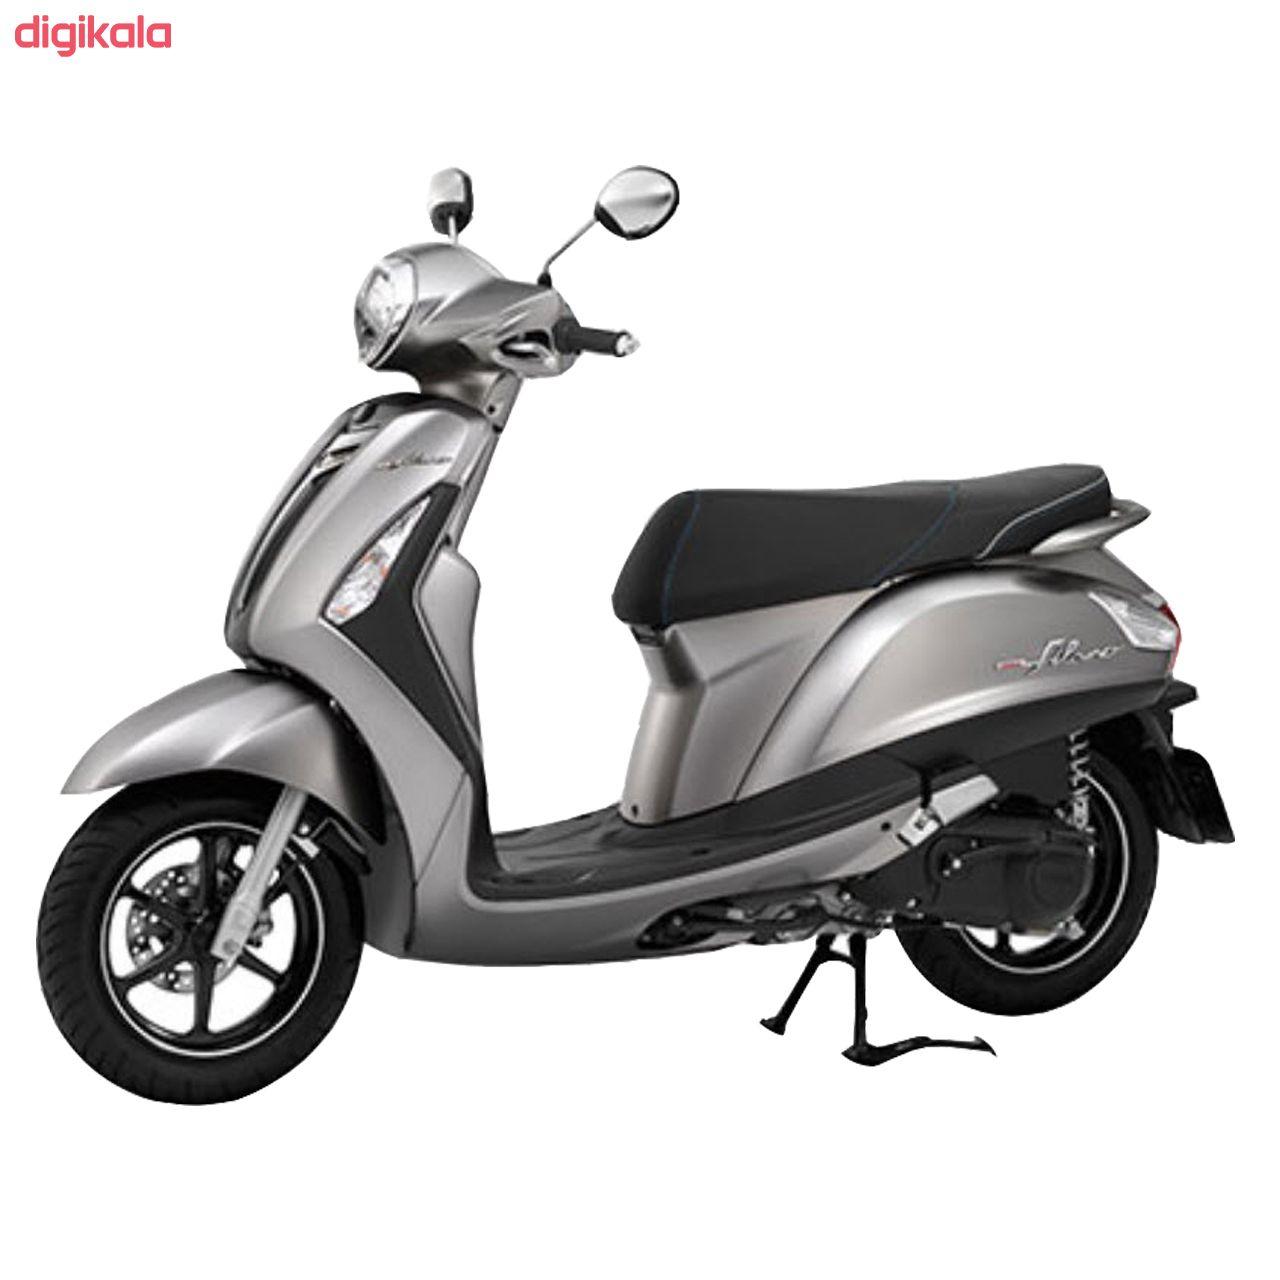 موتورسیکلت یاماها مدل GRAND FILANO استانداردحجم 125 سی سی سال 1399 main 1 3